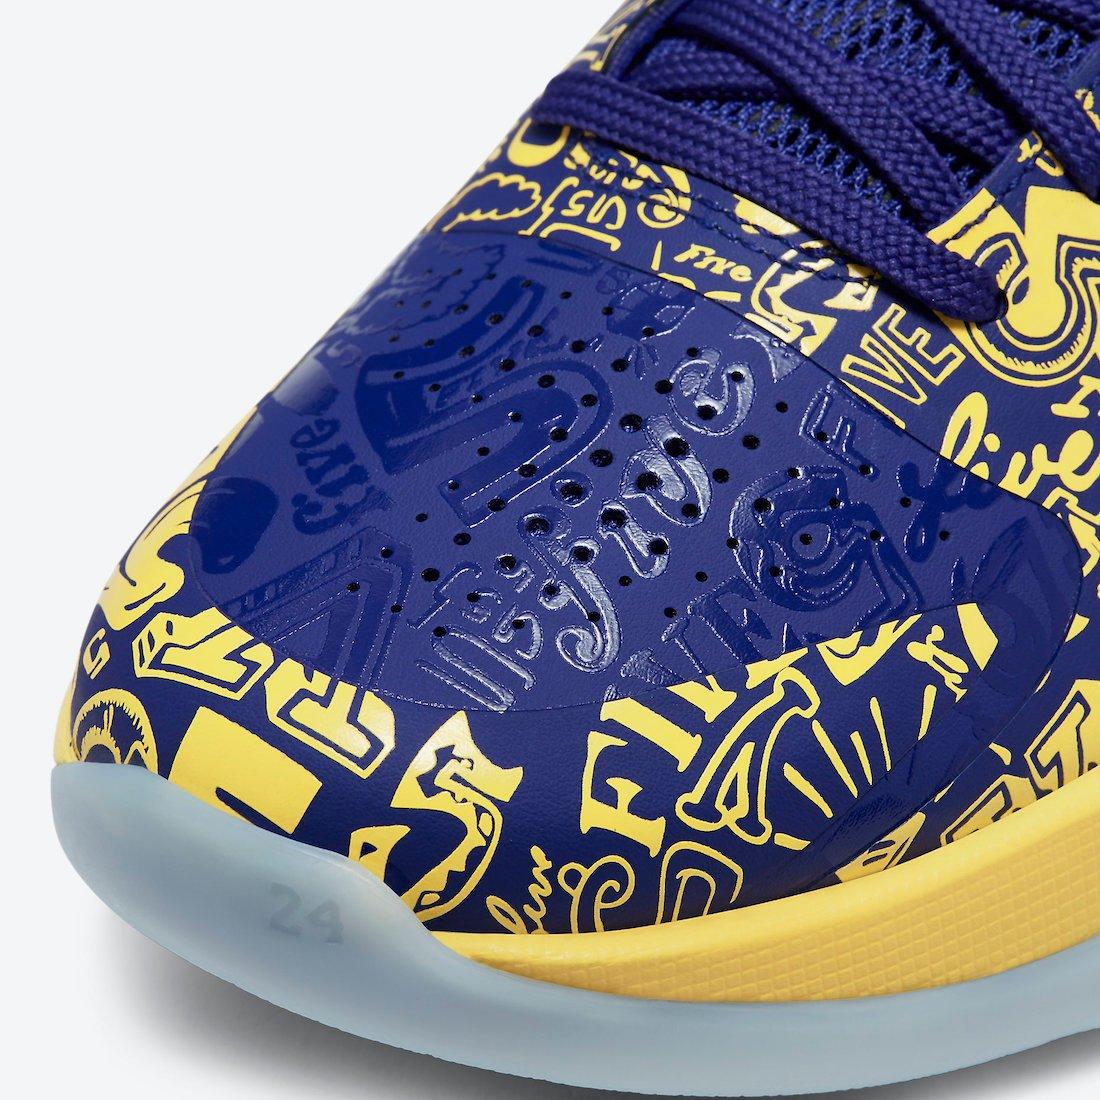 Nike Kobe 5 Protro 5 Rings CD4991-400 Release Date